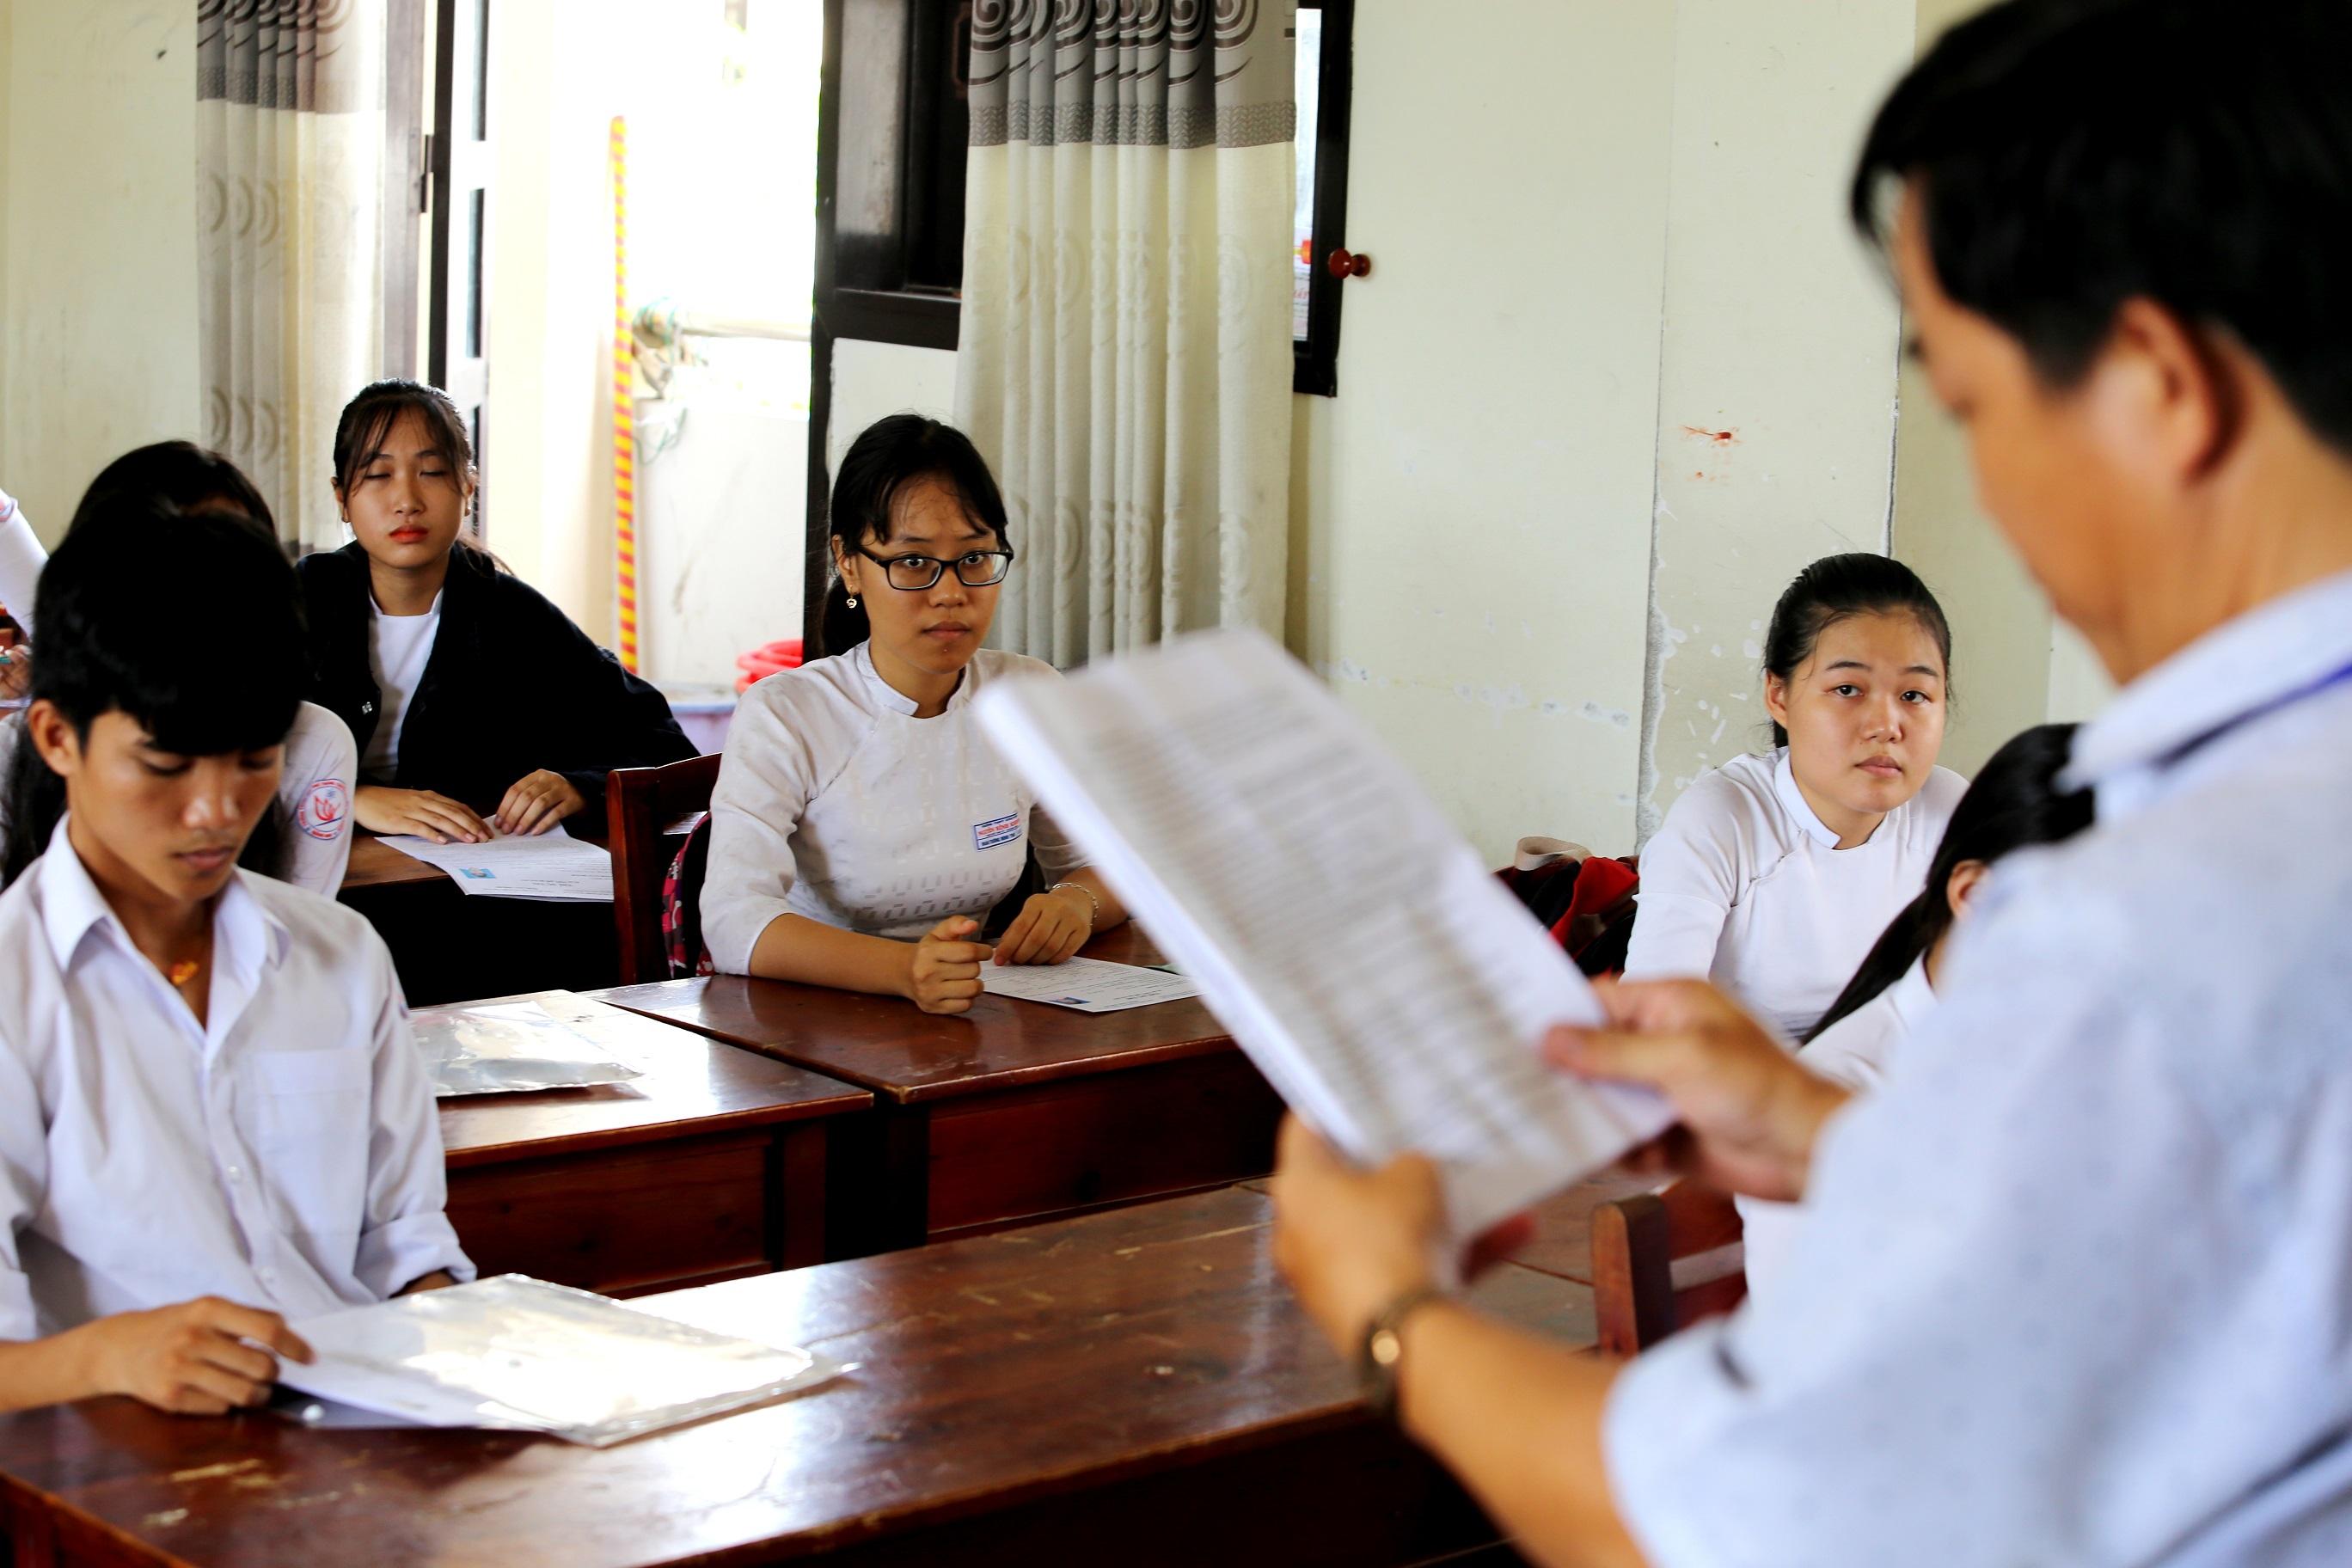 Quảng Nam chấn chỉnh tình trạng lạm thu trong các cơ sở giáo dục - Hình 1